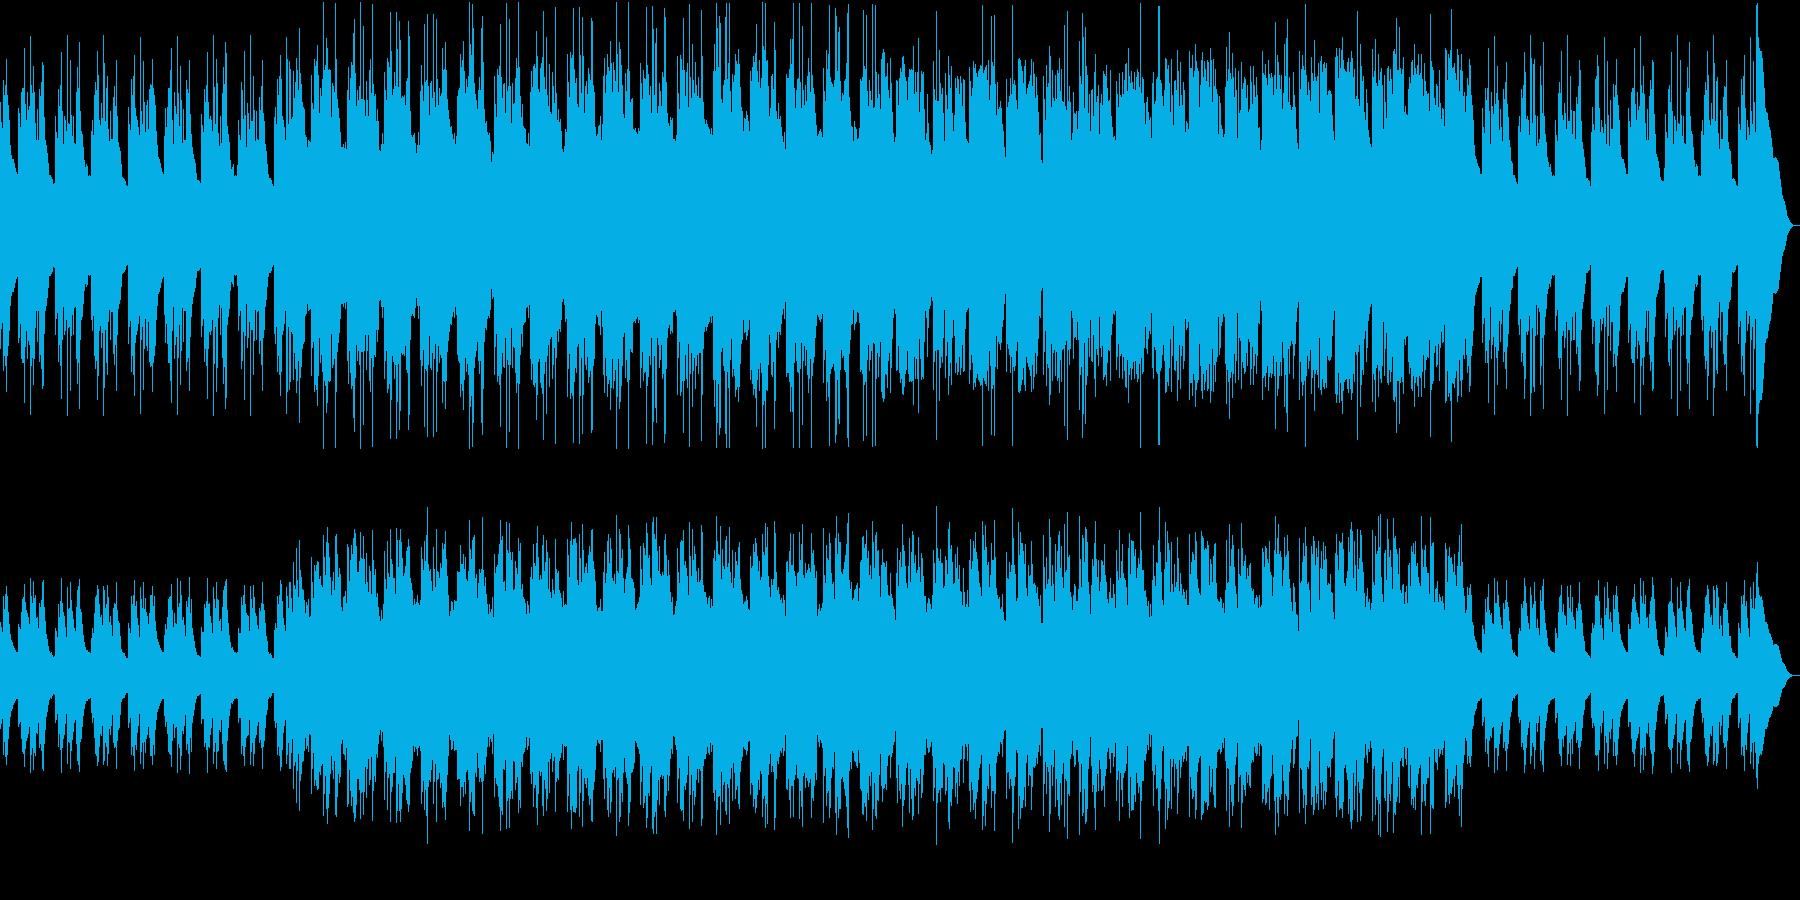 おばけの森 RPG風の再生済みの波形